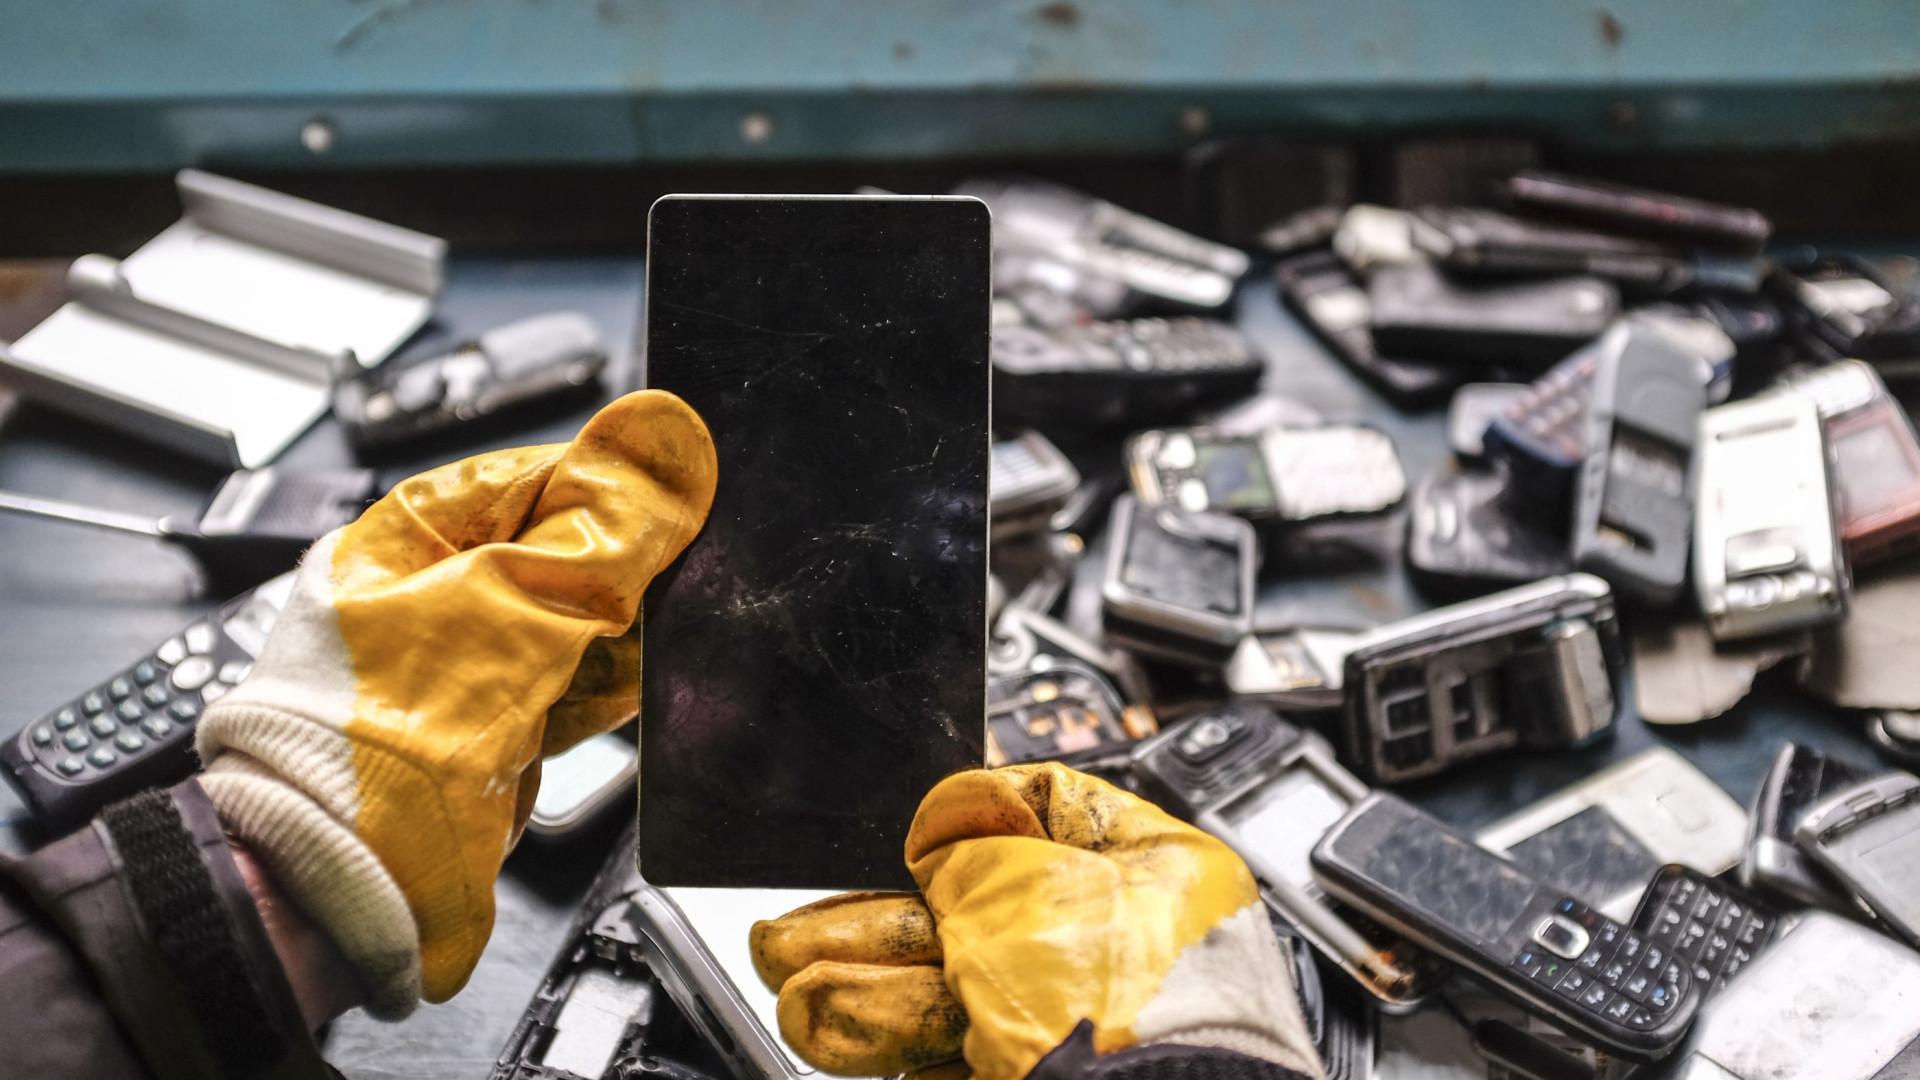 'Second Chance', a segunda vida dos aparelhos que encostou a um canto